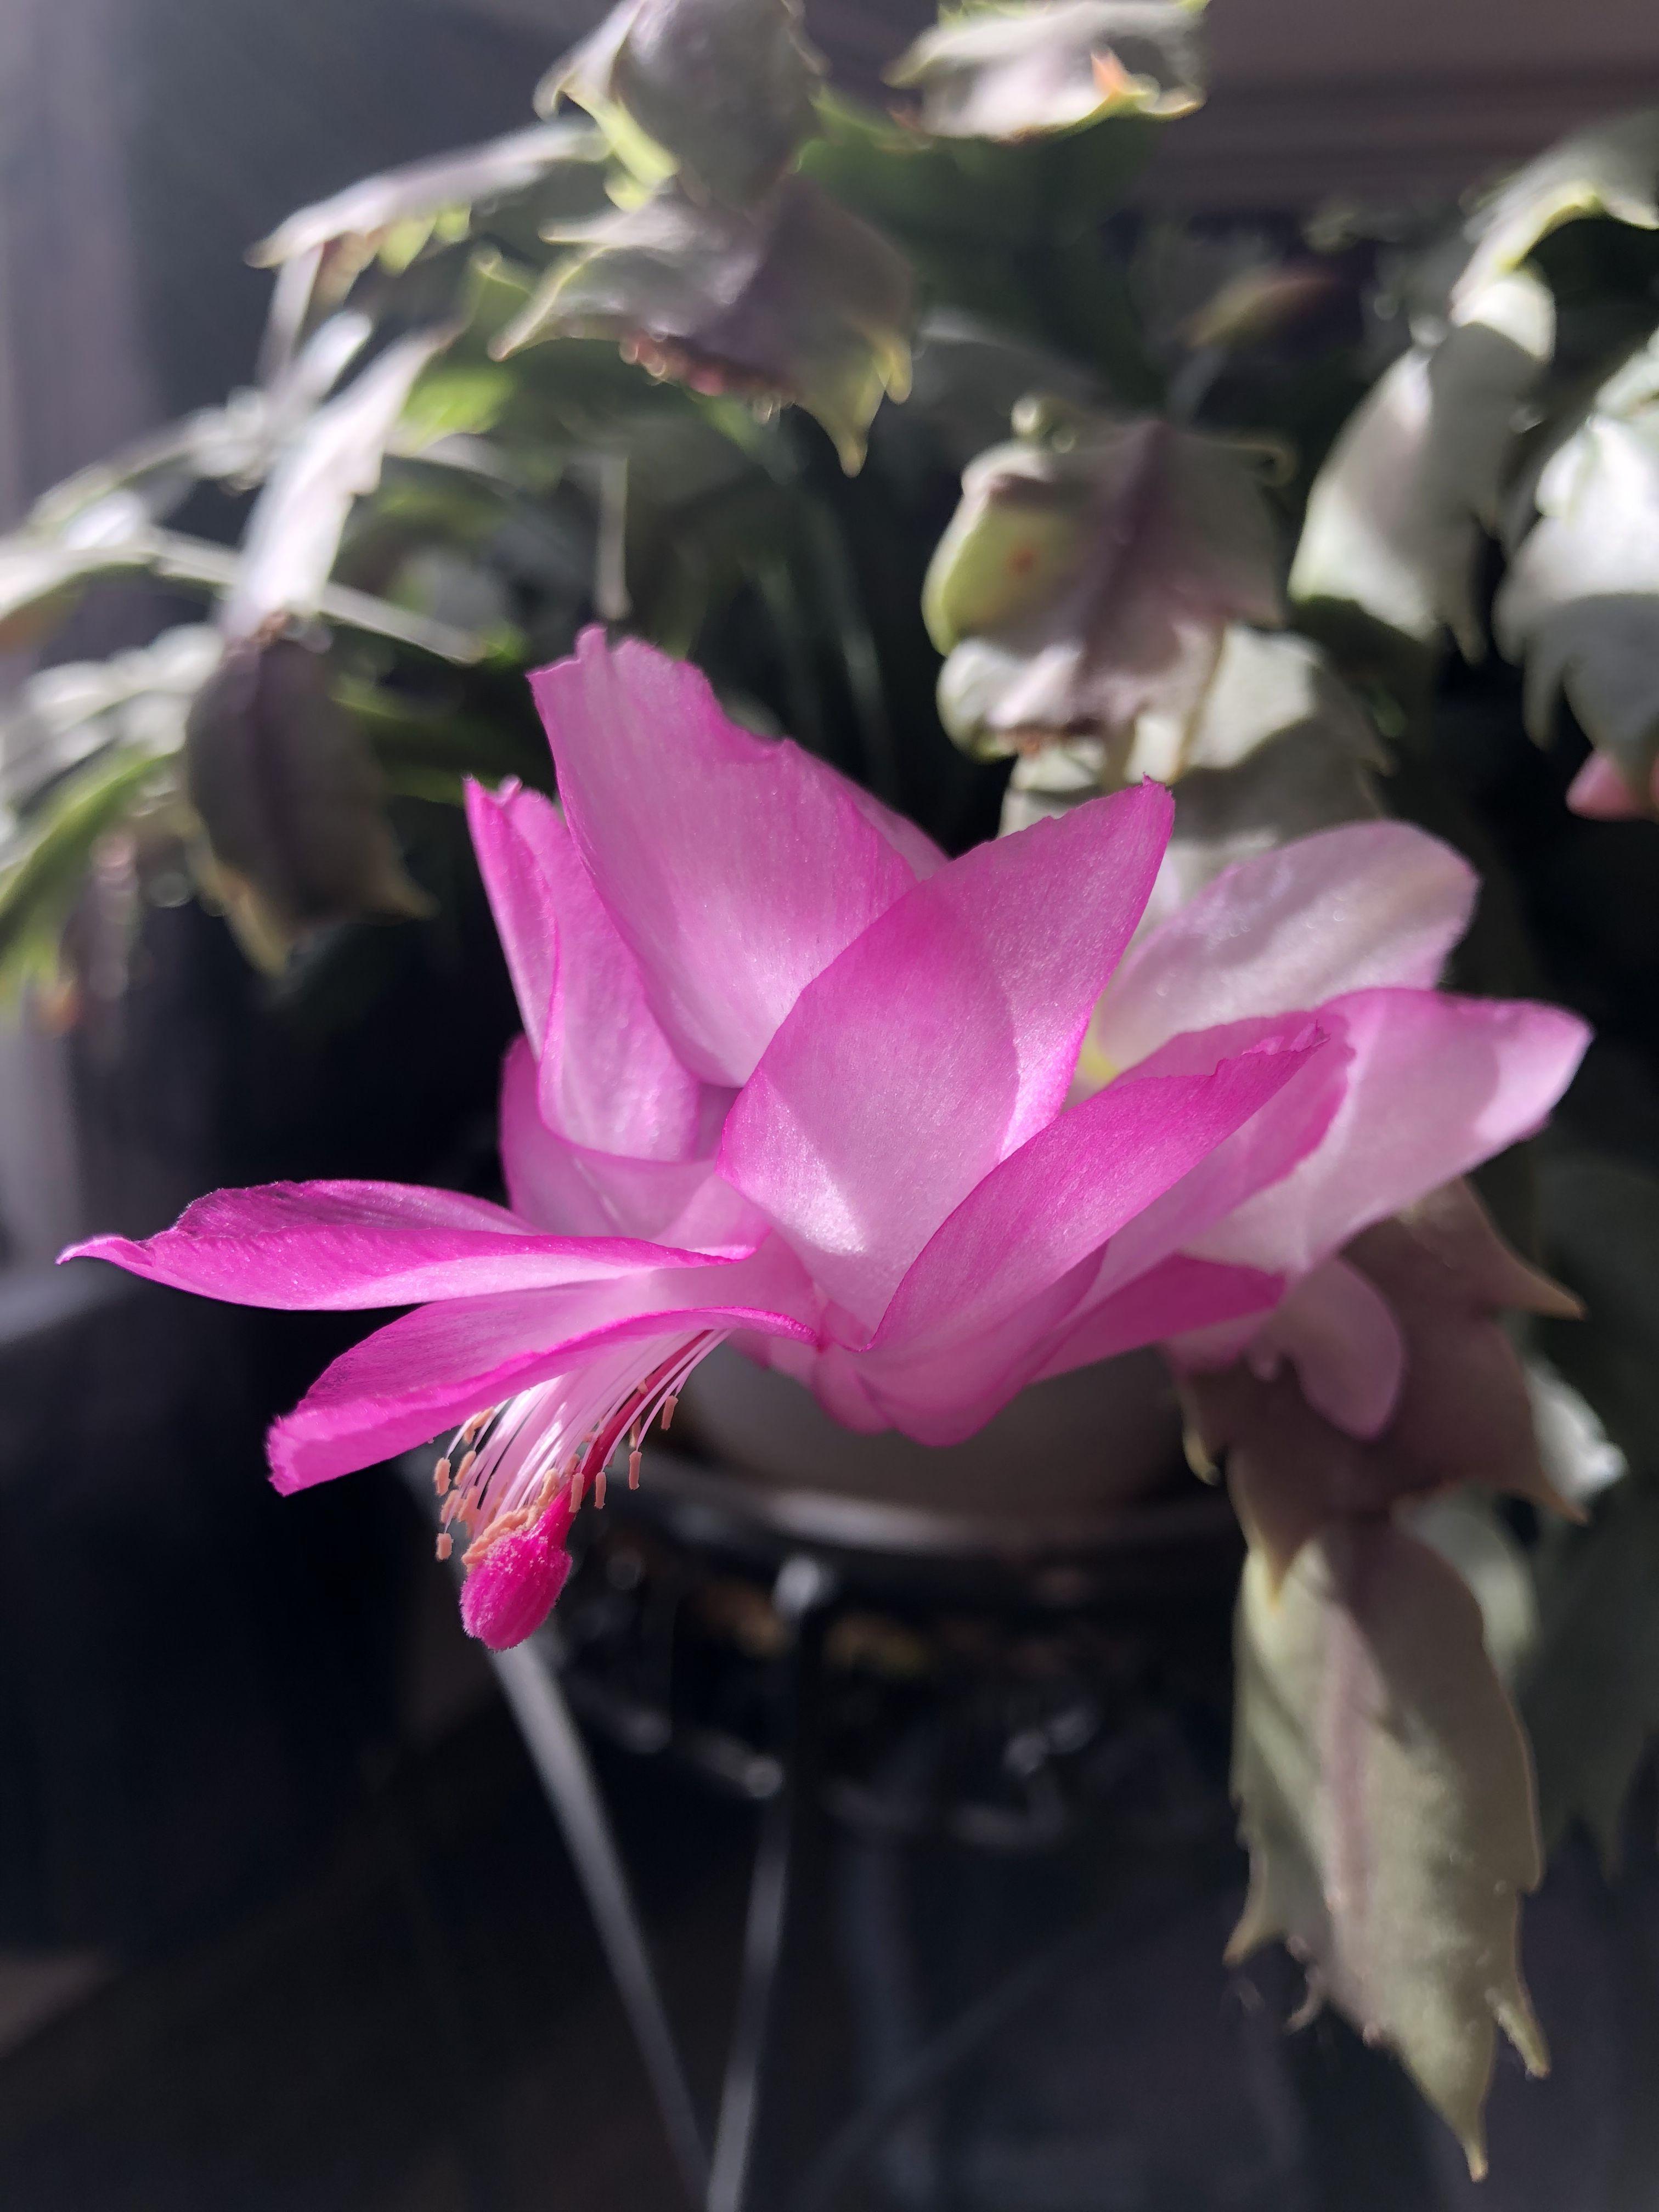 Christmas Cactus Flower Christmas cactus flower, Cactus